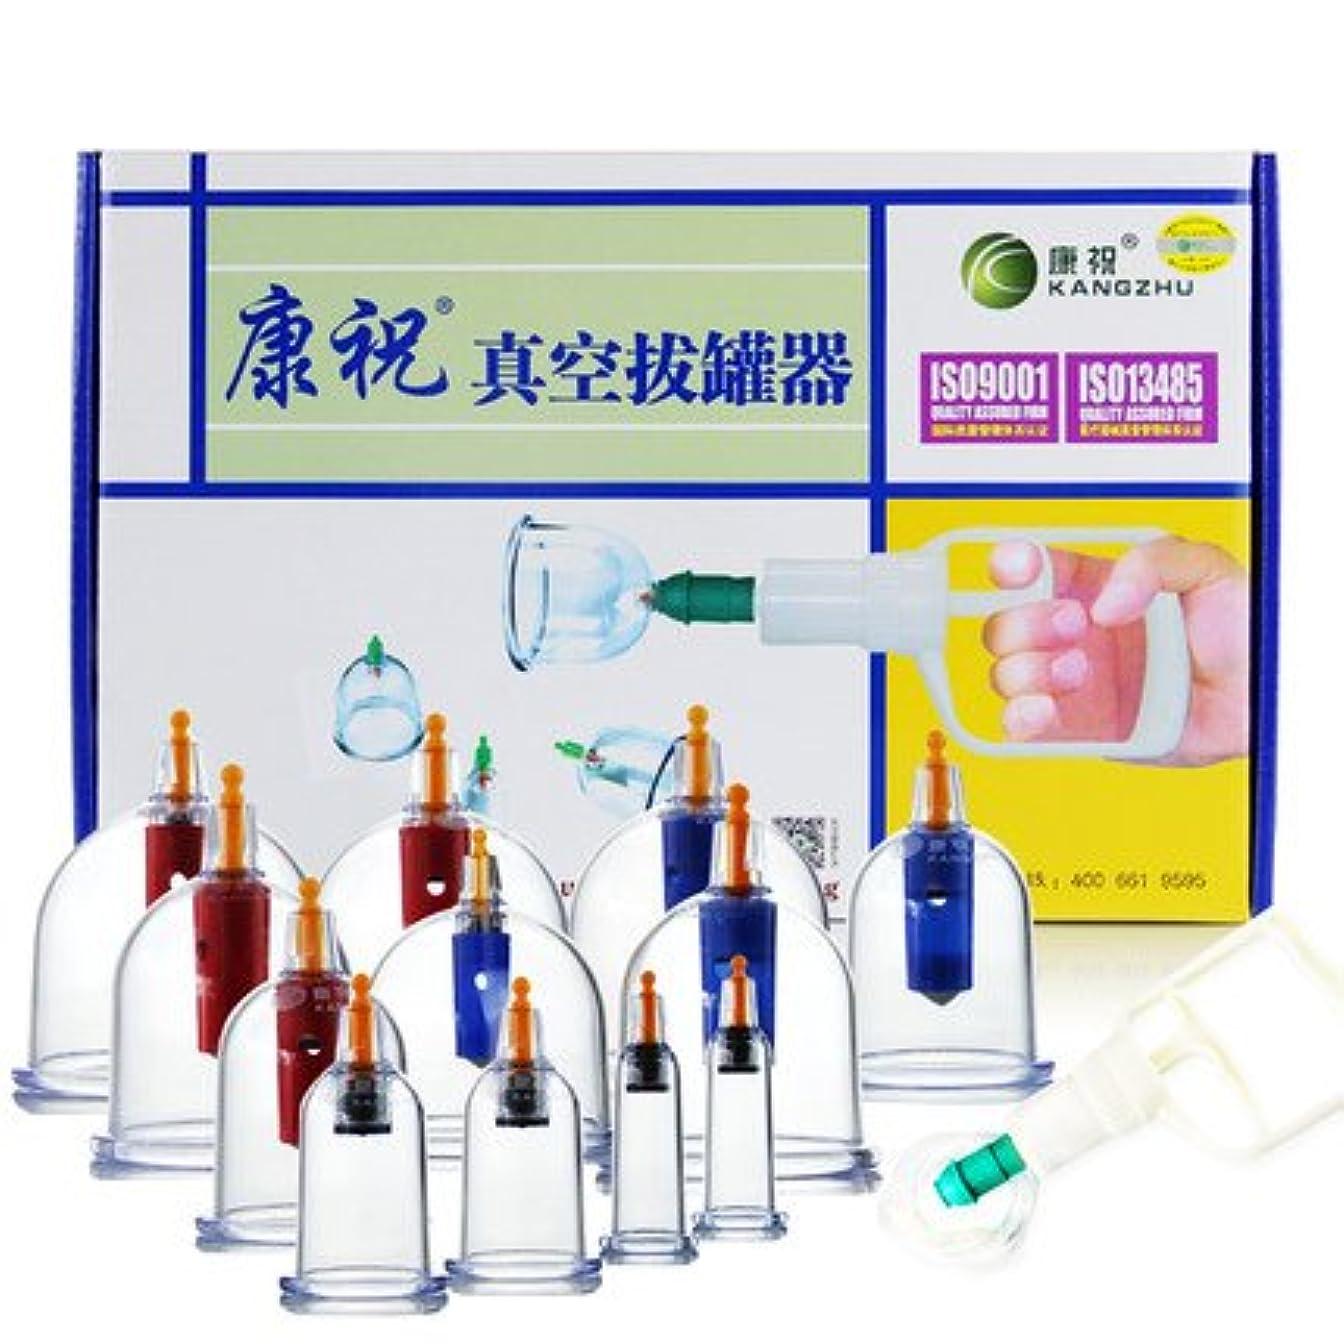 公使館復活対立kangzhu 「新包装」カッピング cupping 吸い玉カップ 脂肪吸引 康祝 KANGZHU 6種 12個カップ 自宅エステ アンチエイジングに B12